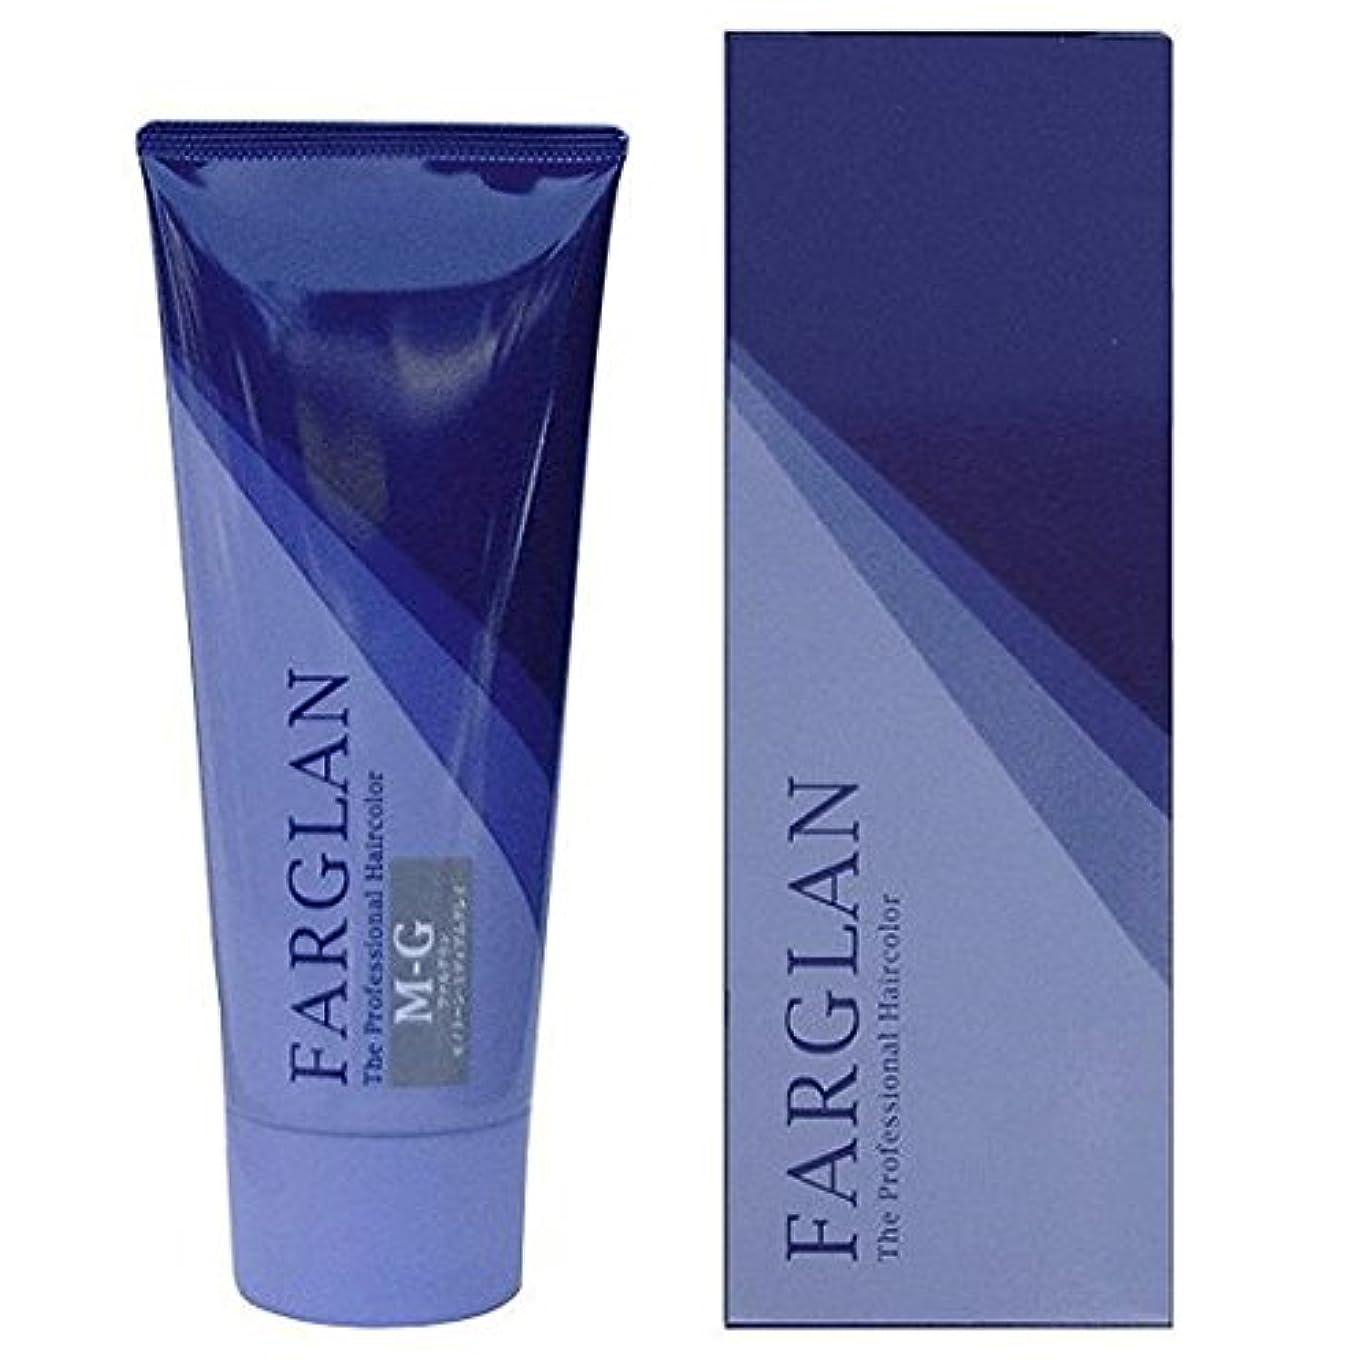 フェミニン論争の的塩辛いFARGLAN(ファルグラン) ヘアカラー L-AB 160g